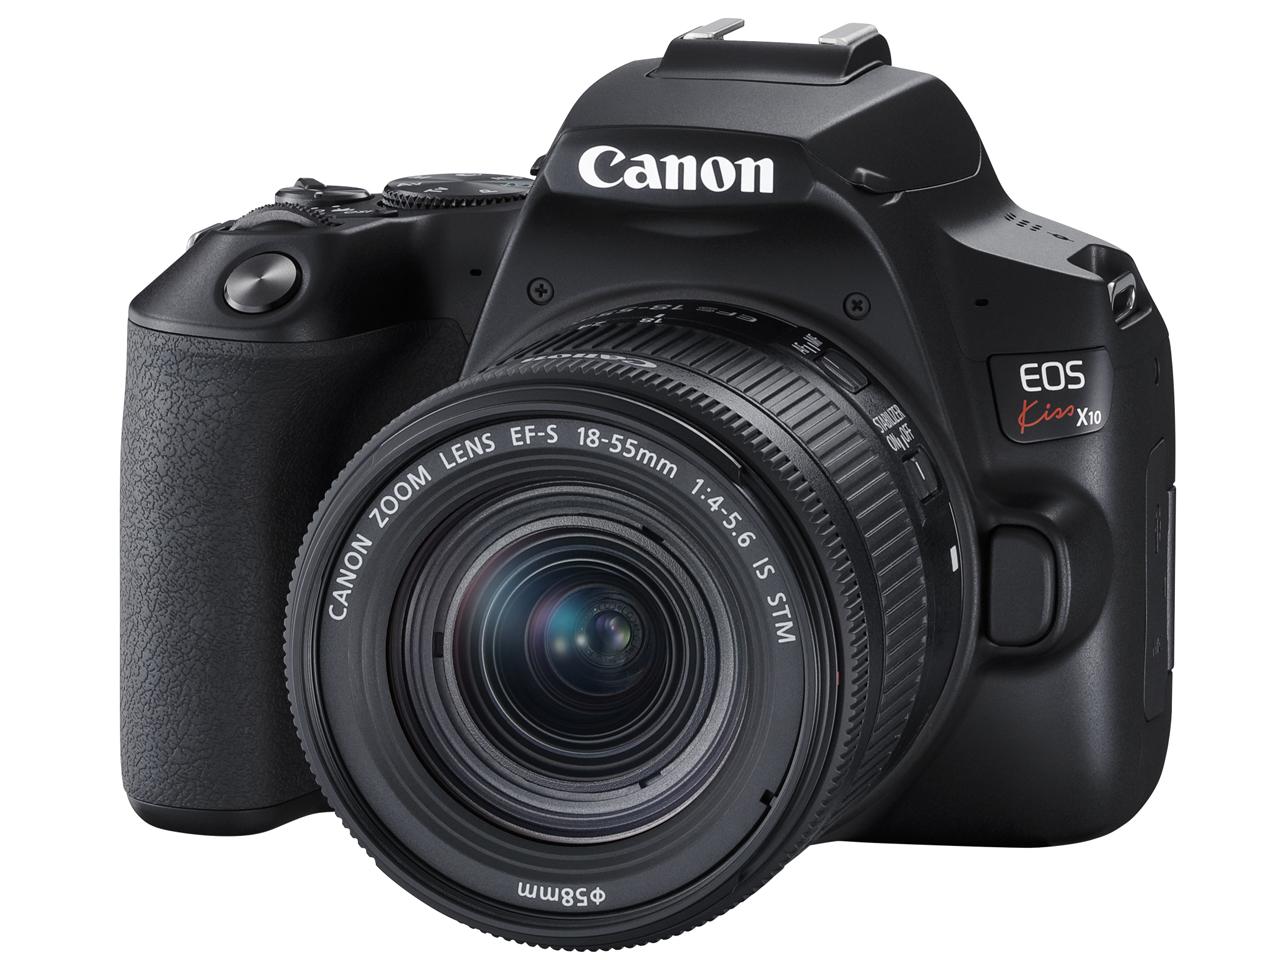 【新品】キヤノン Canon EOS Kiss X10(ブラック)・EF-S18-55 IS STM レンズキット